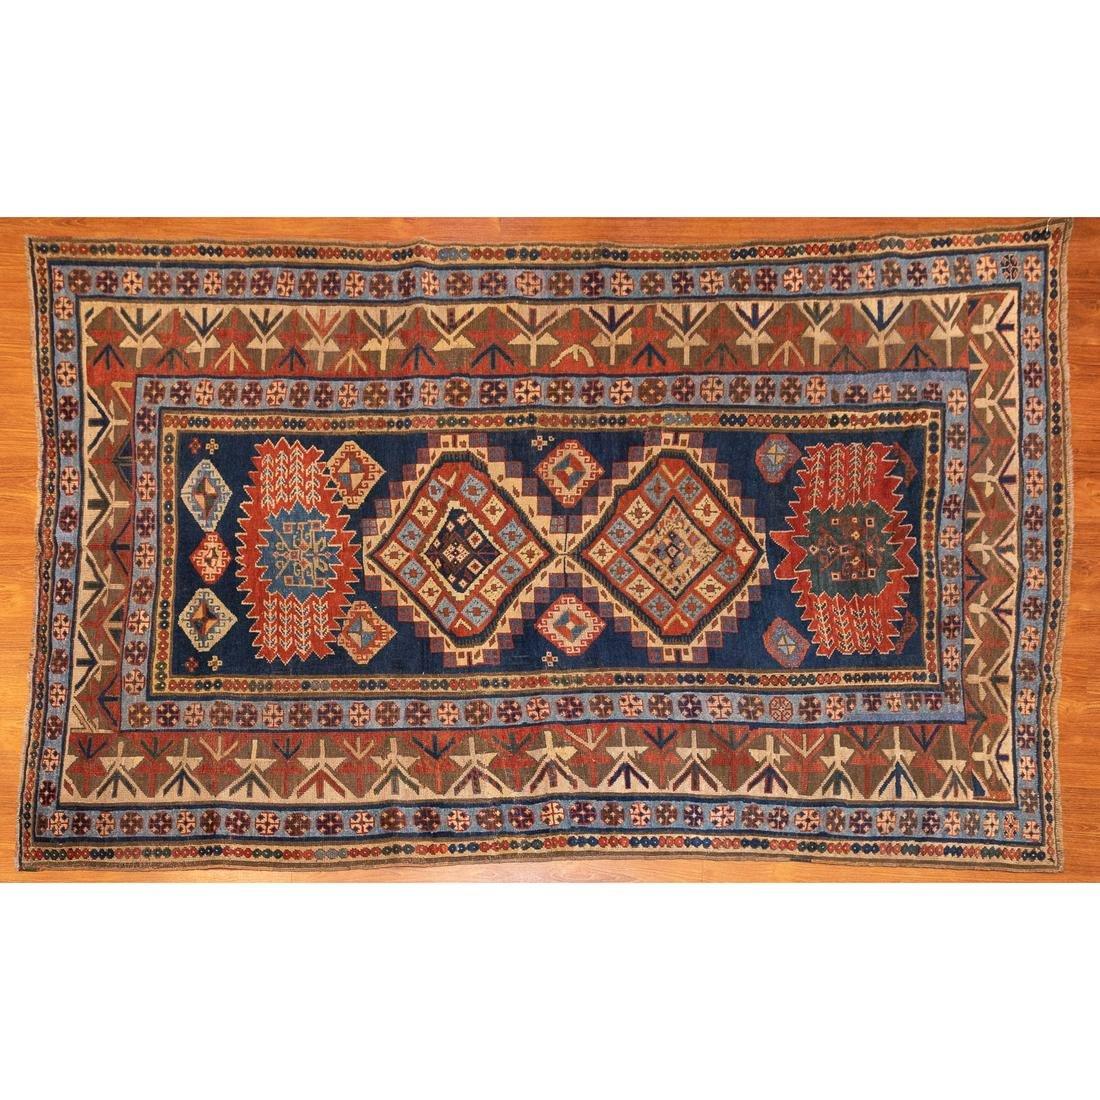 Antique Kazak Rug, Caucusus, 4.10 x 7.6